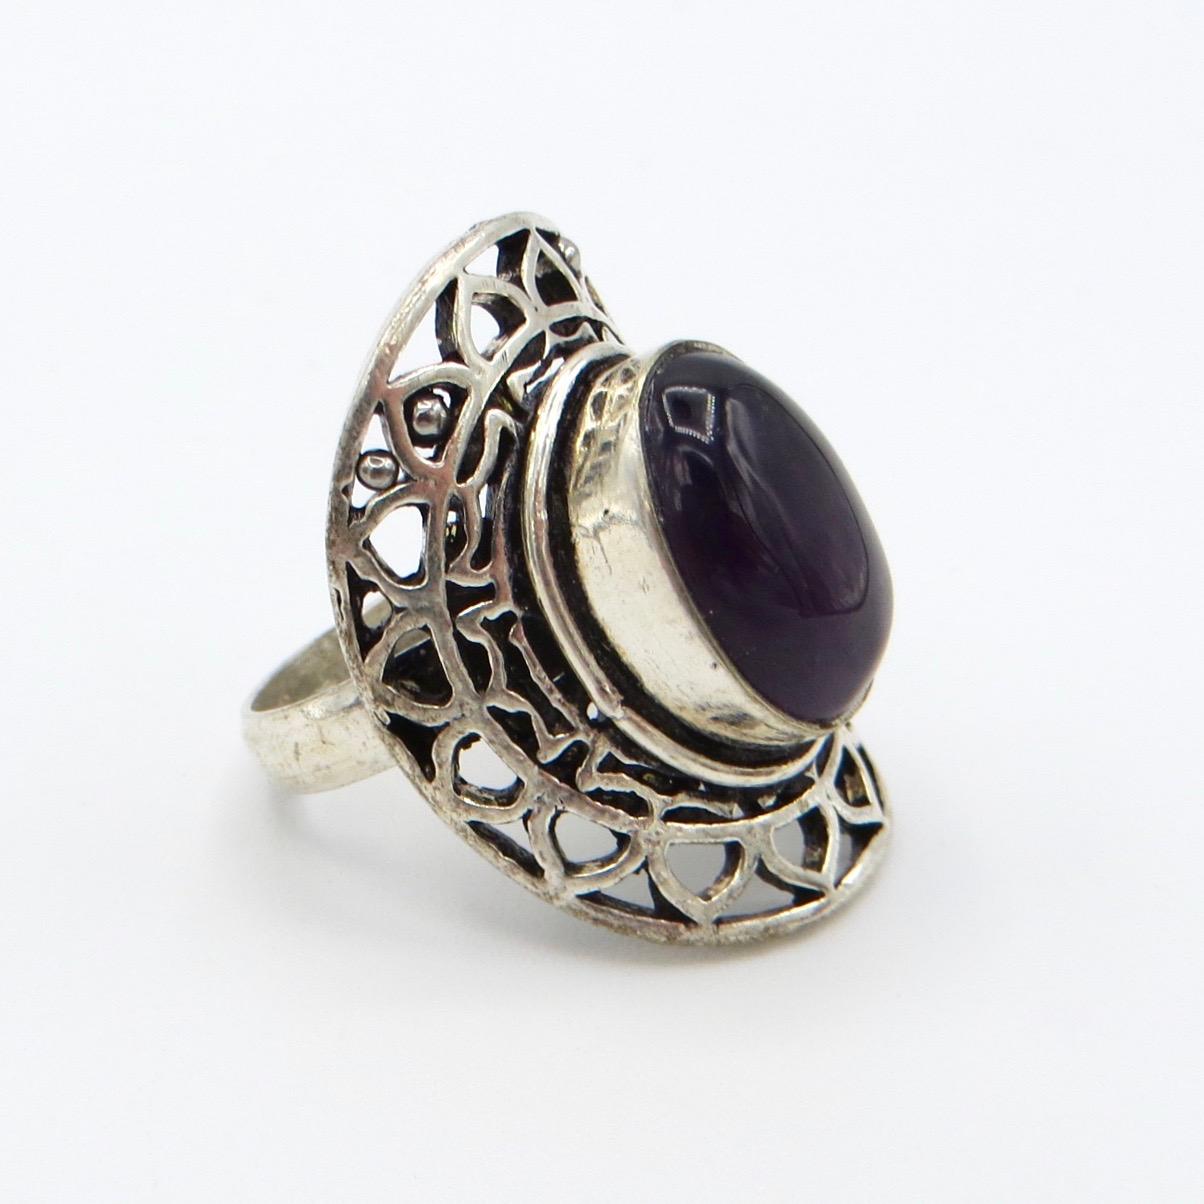 Silver & Amethyst Cabuchon Ring